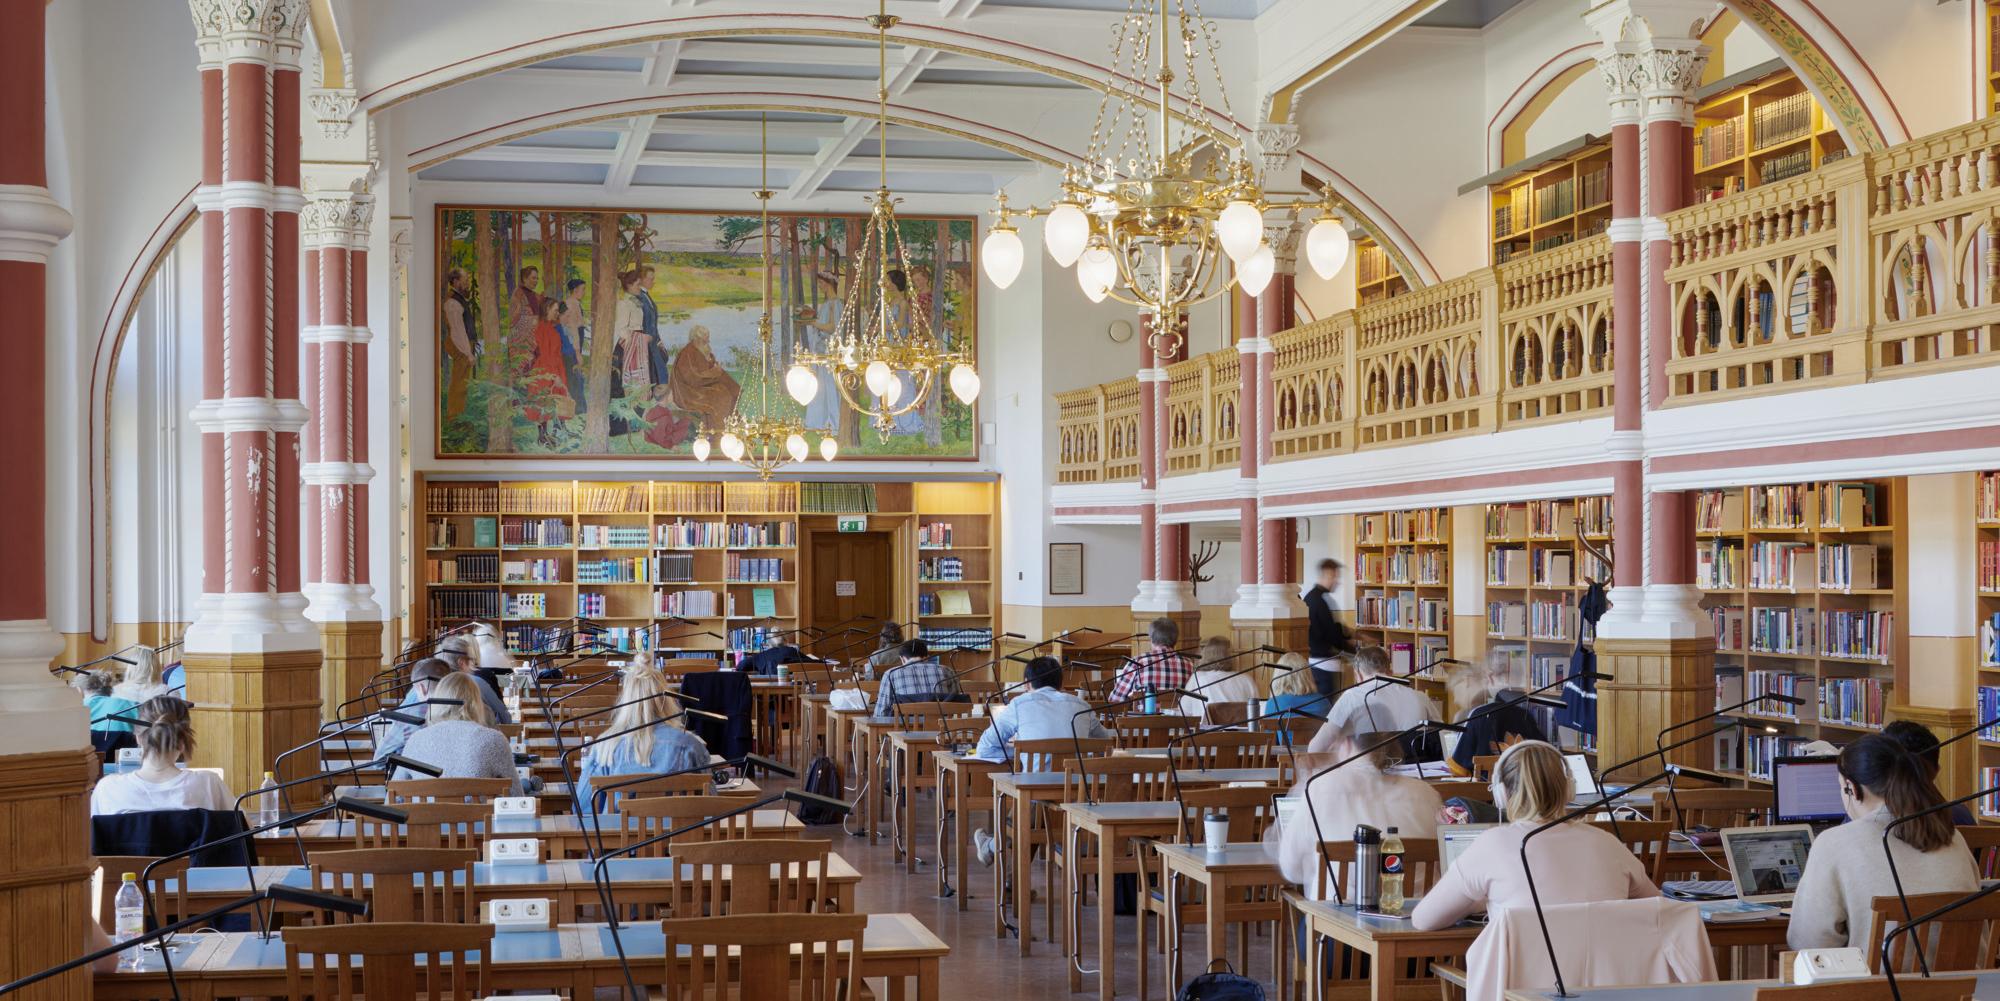 Studenter sitter vid sina bänkar i läsesalen.